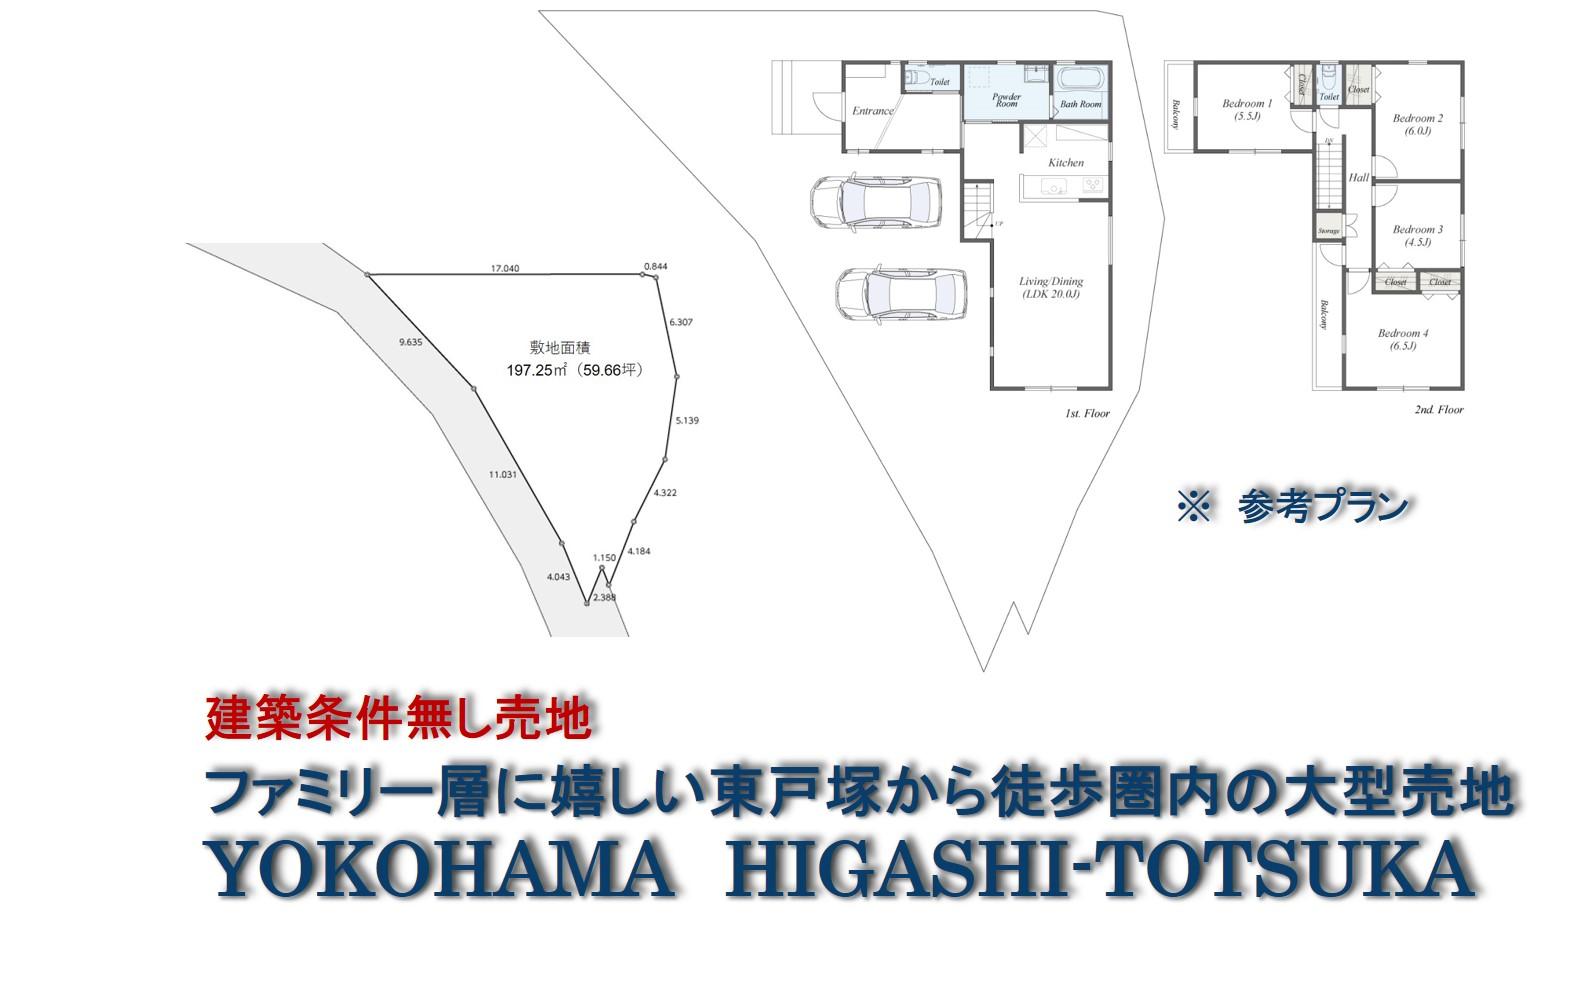 ファミリー層に嬉しい東戸塚から徒歩圏内の大型売地 YOKOHAMA HIGASHI-TOTSUKA